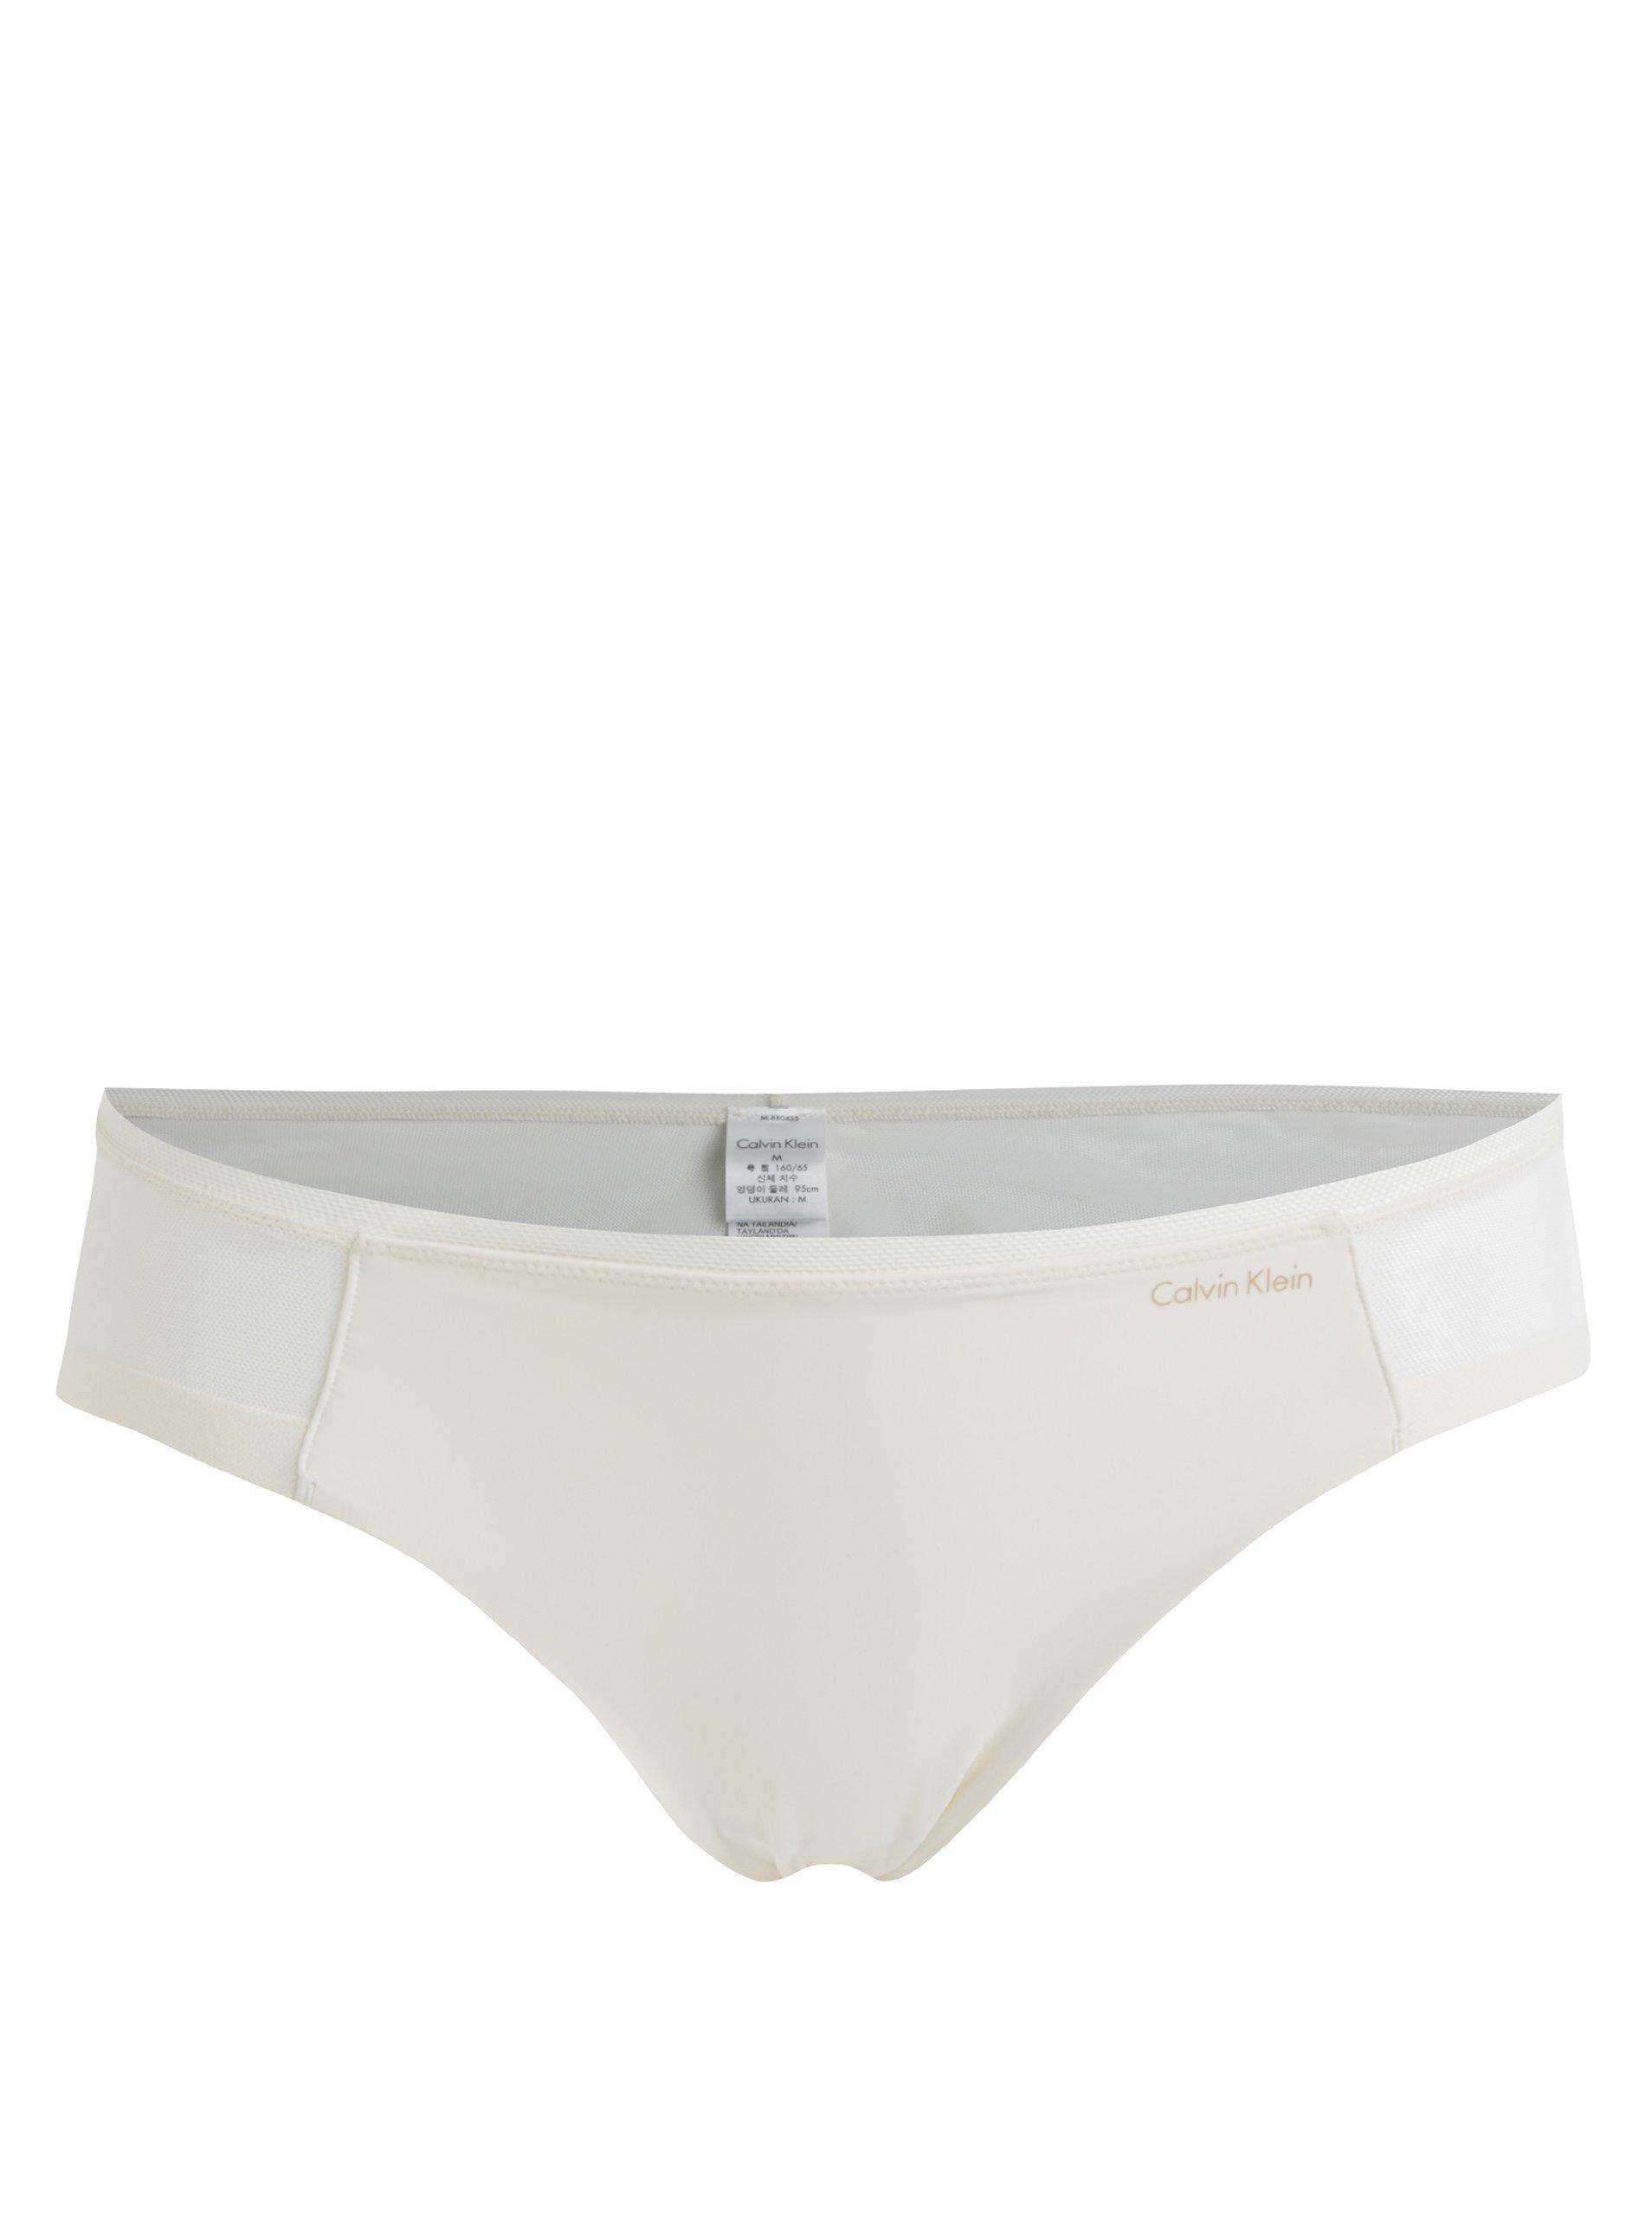 Krémové kalhotky s průsvitnými detaily Calvin Klein